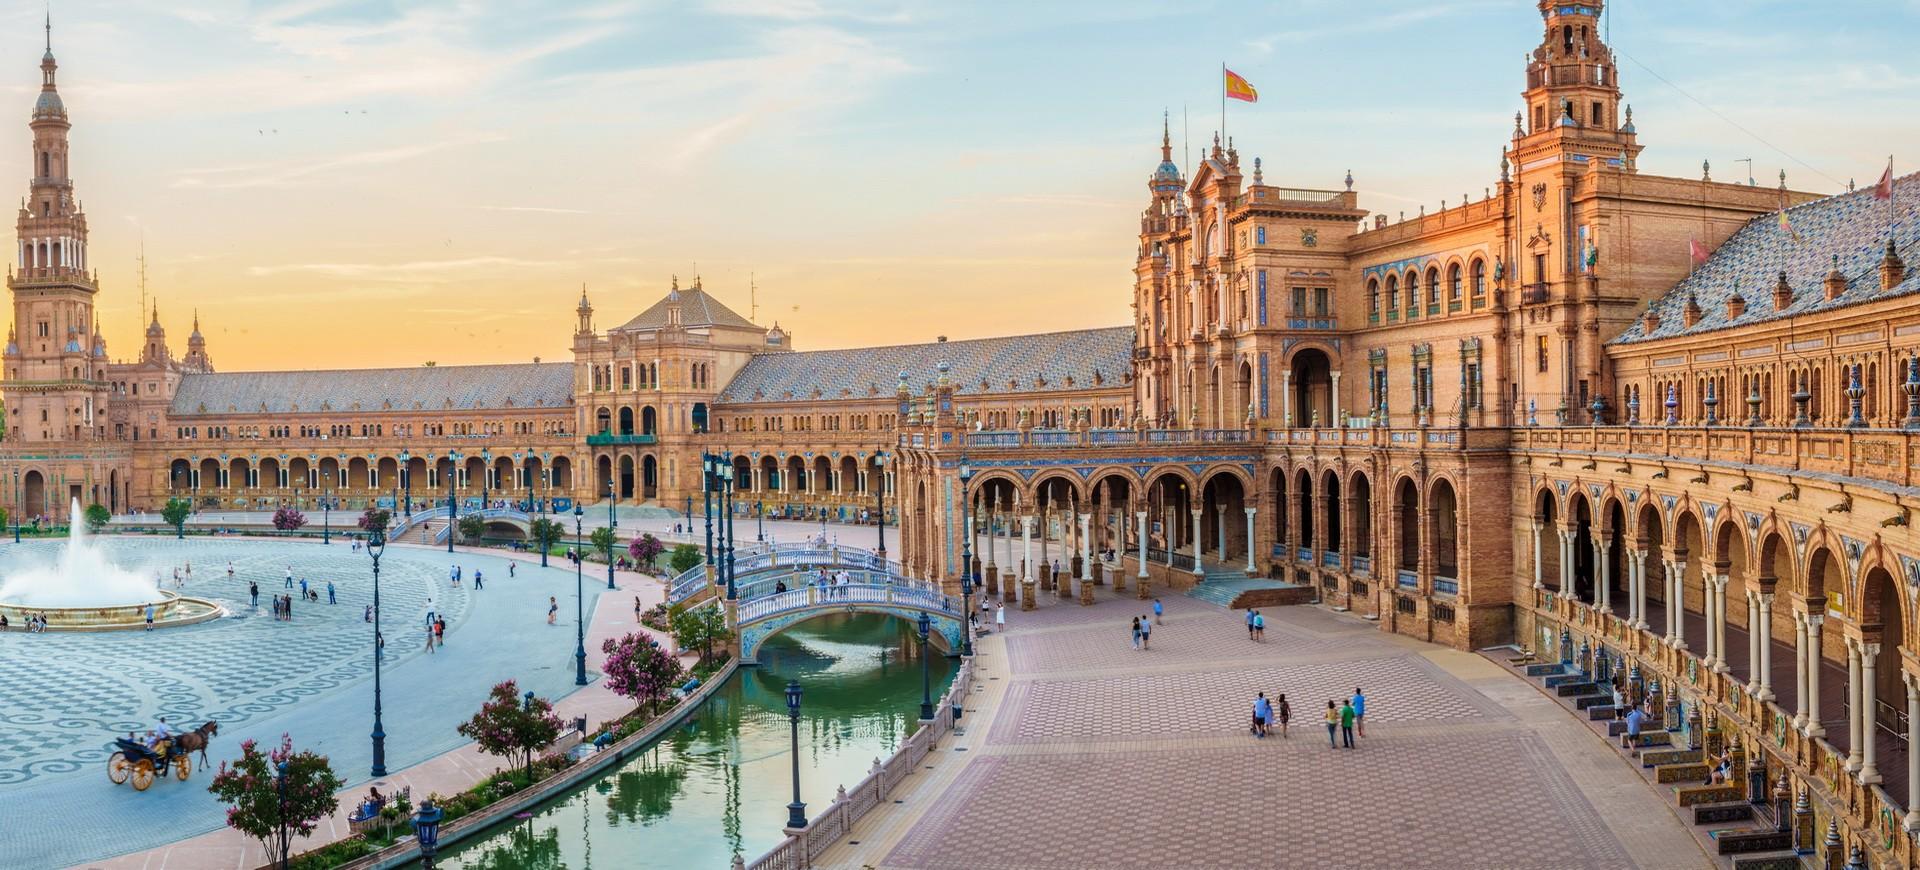 Séville Plaza à Séveille en Andalousie Espagne